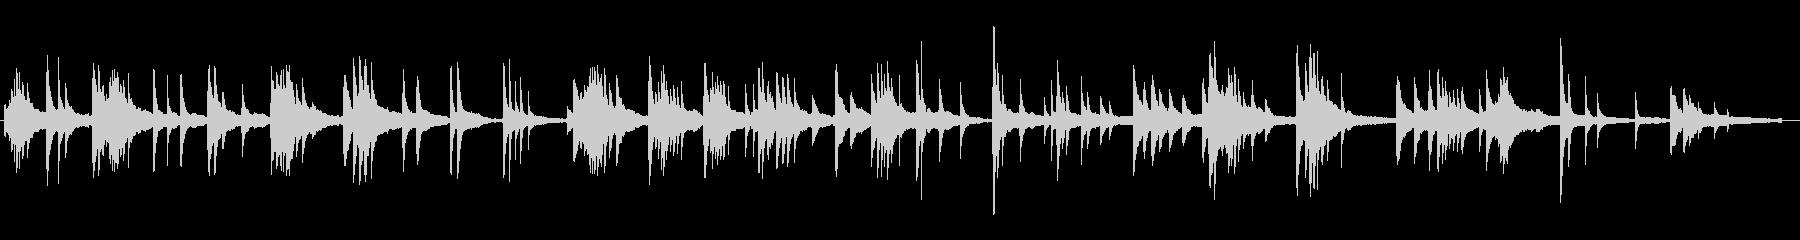 印象派的なピアノ曲の未再生の波形